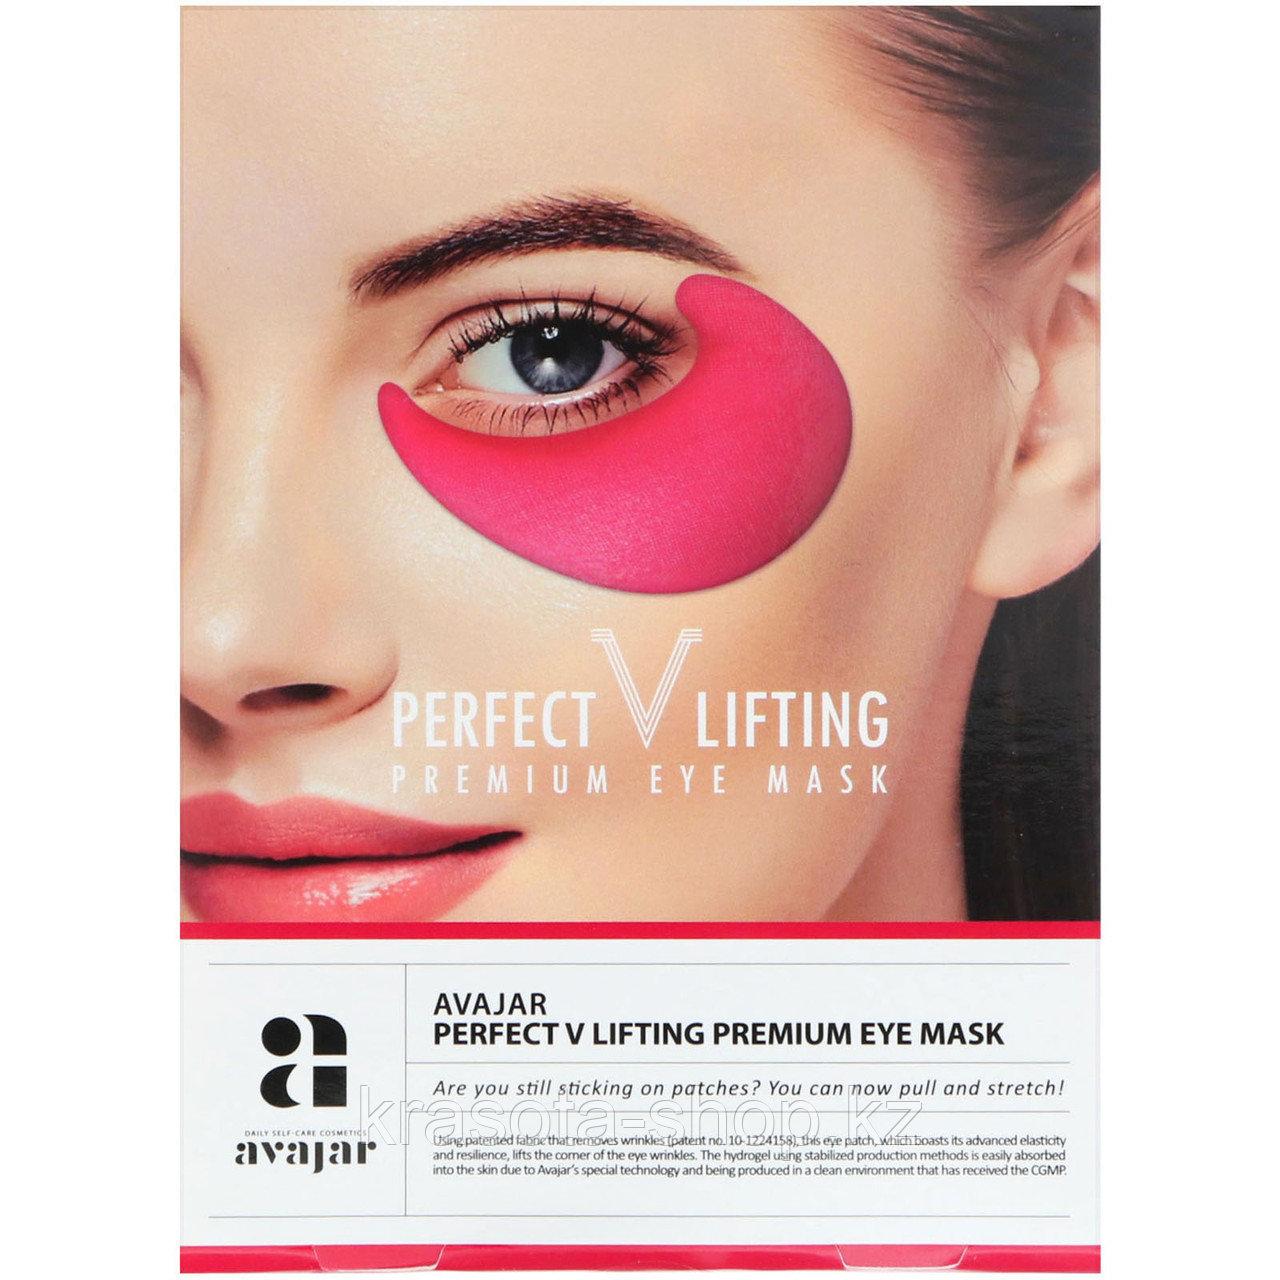 Омолаживающие патчи для глаз Avajar, Perfect V Lifting Premium Eye Mask, 2 Masks